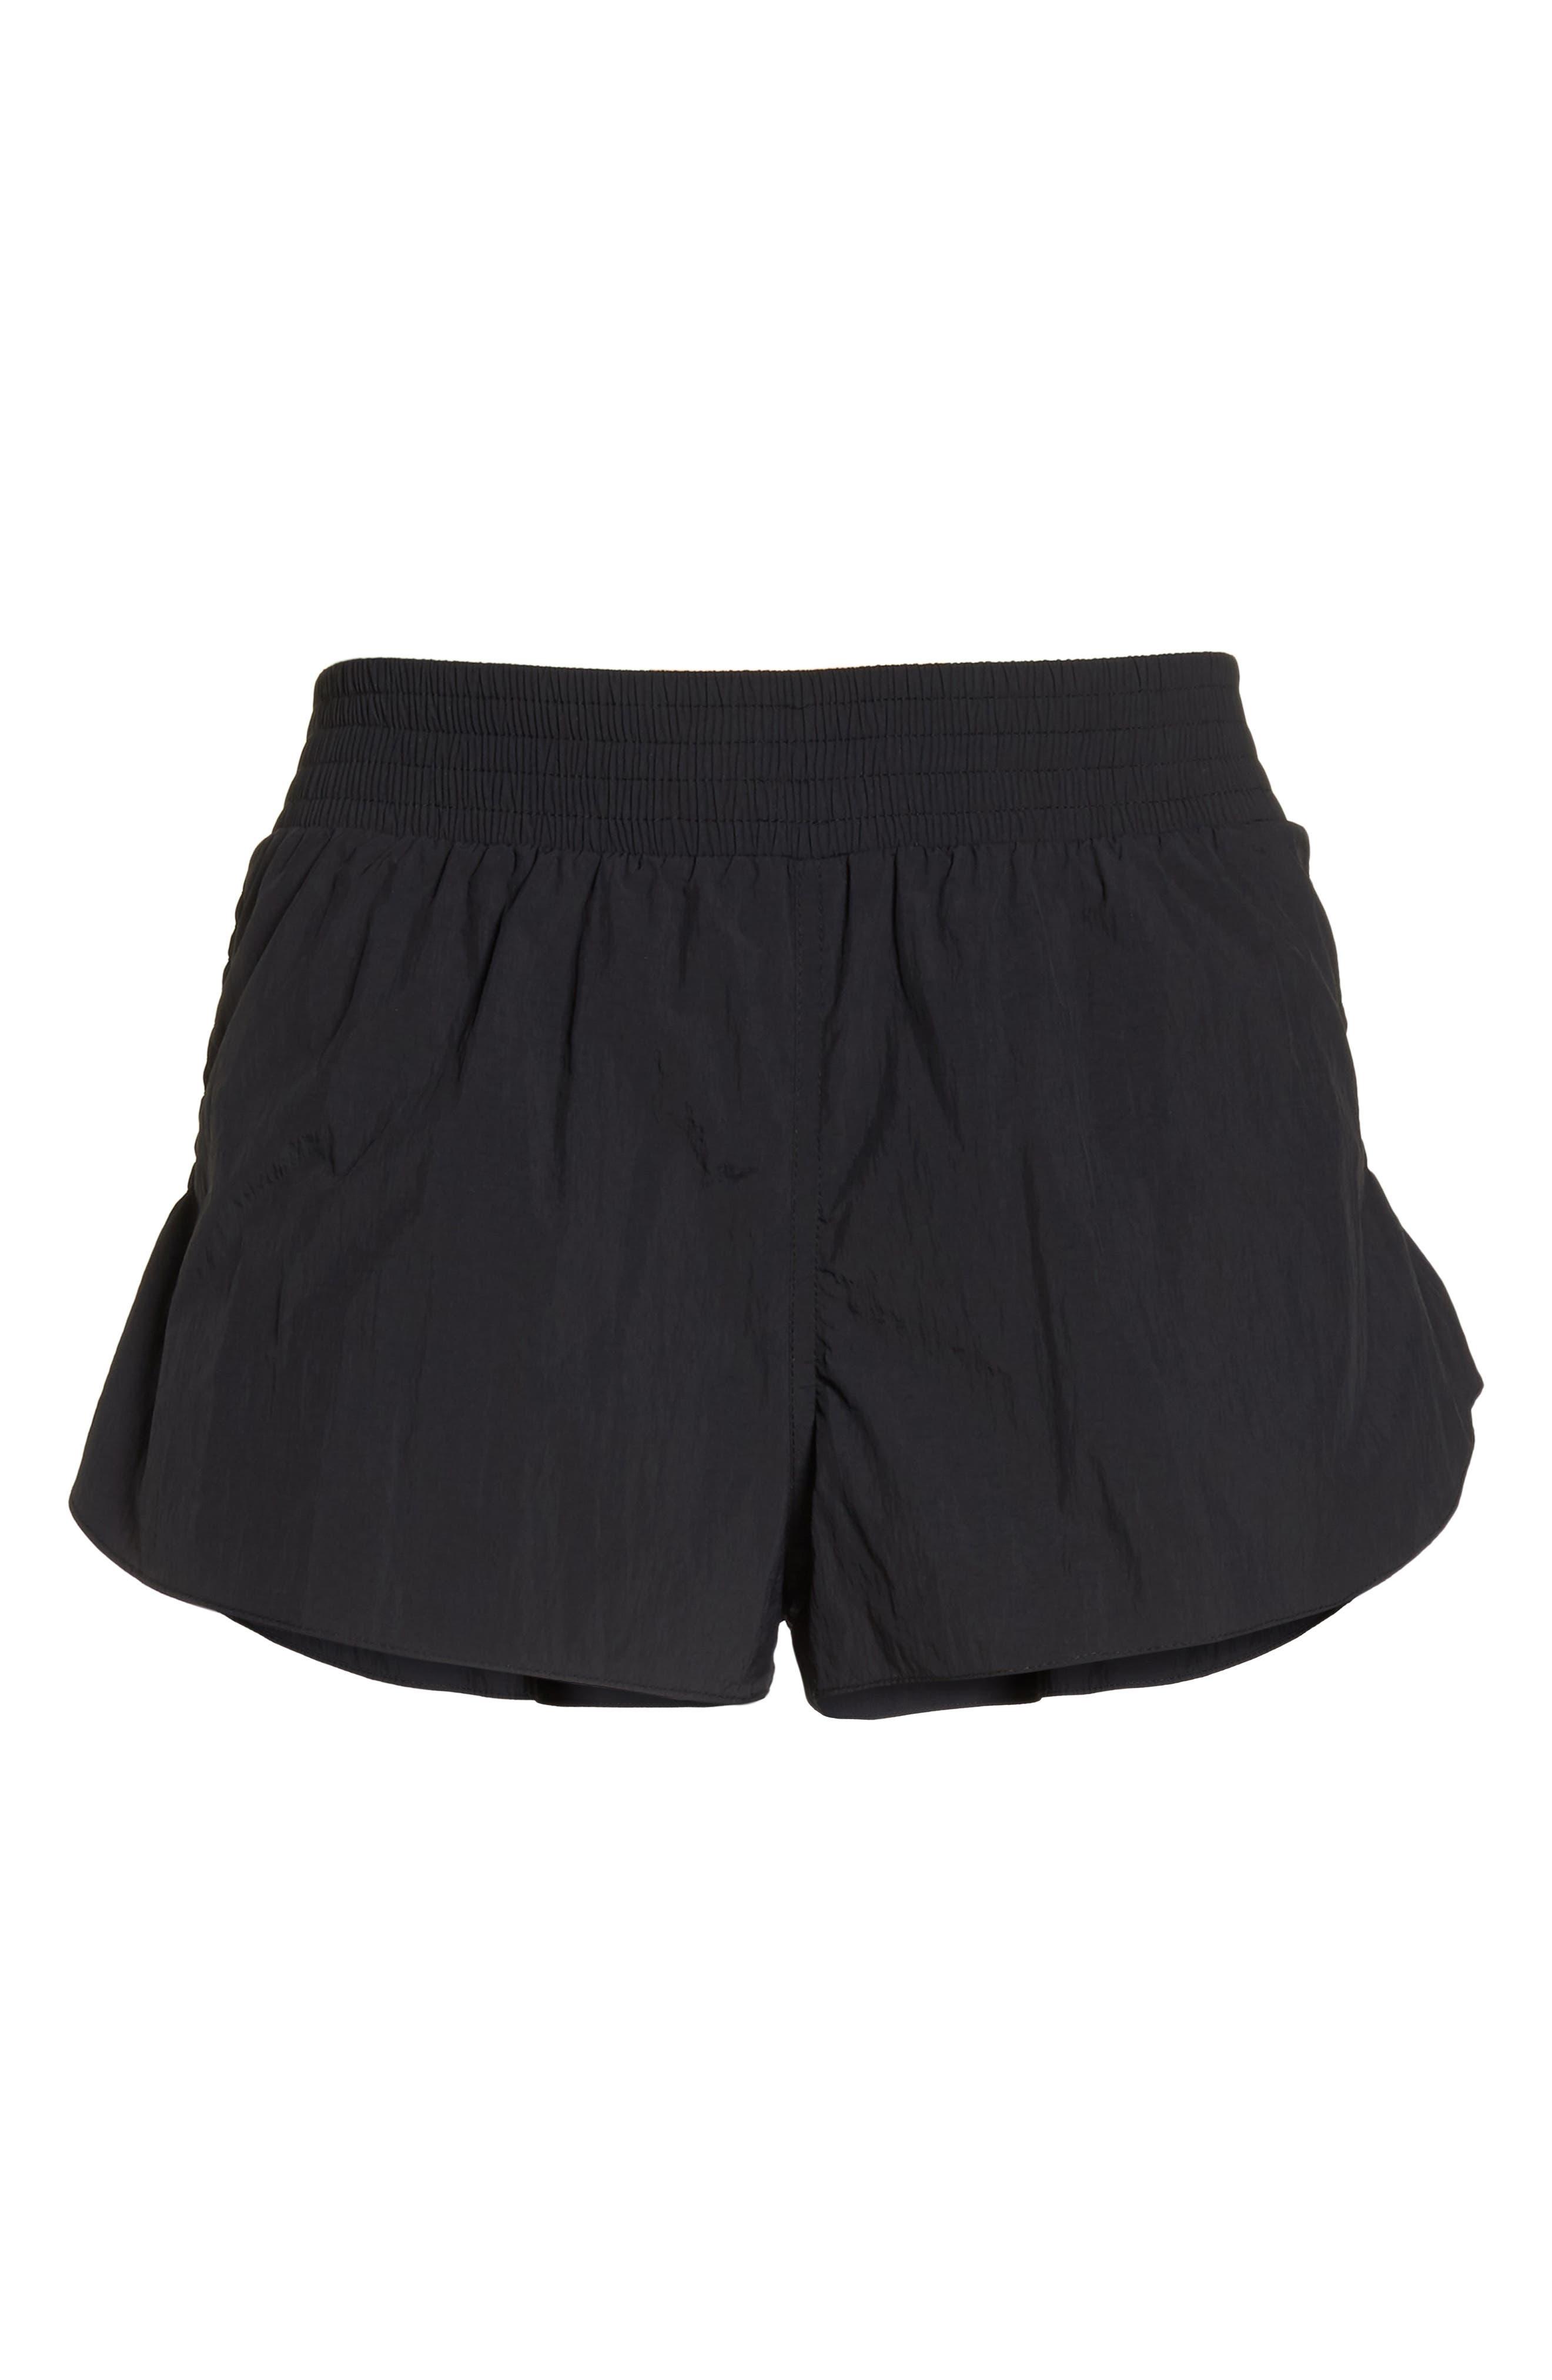 Fuji Shorts,                             Alternate thumbnail 7, color,                             001